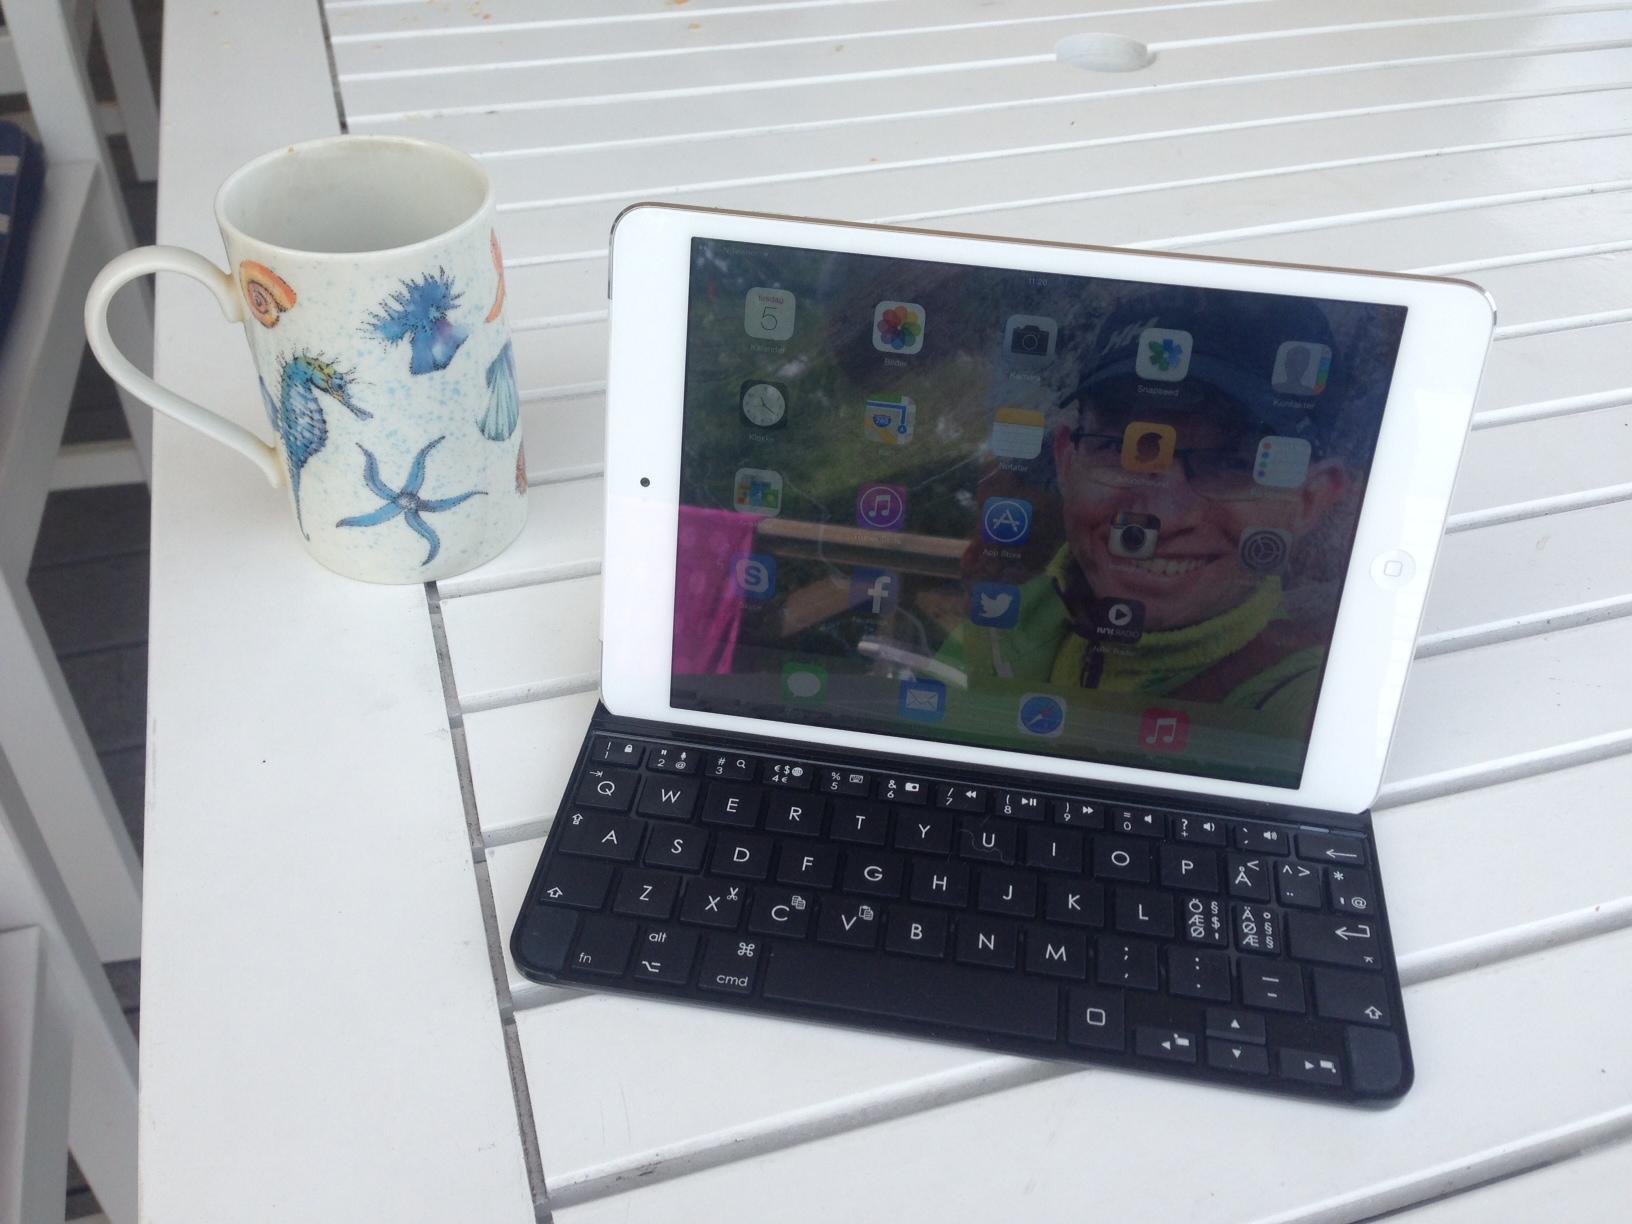 Med IpadMini og Logitech Ultrathin tastatur er det lett å blogge uansett hvor jeg er i sommer. Særlig hvis jeg bruker de rette appene.